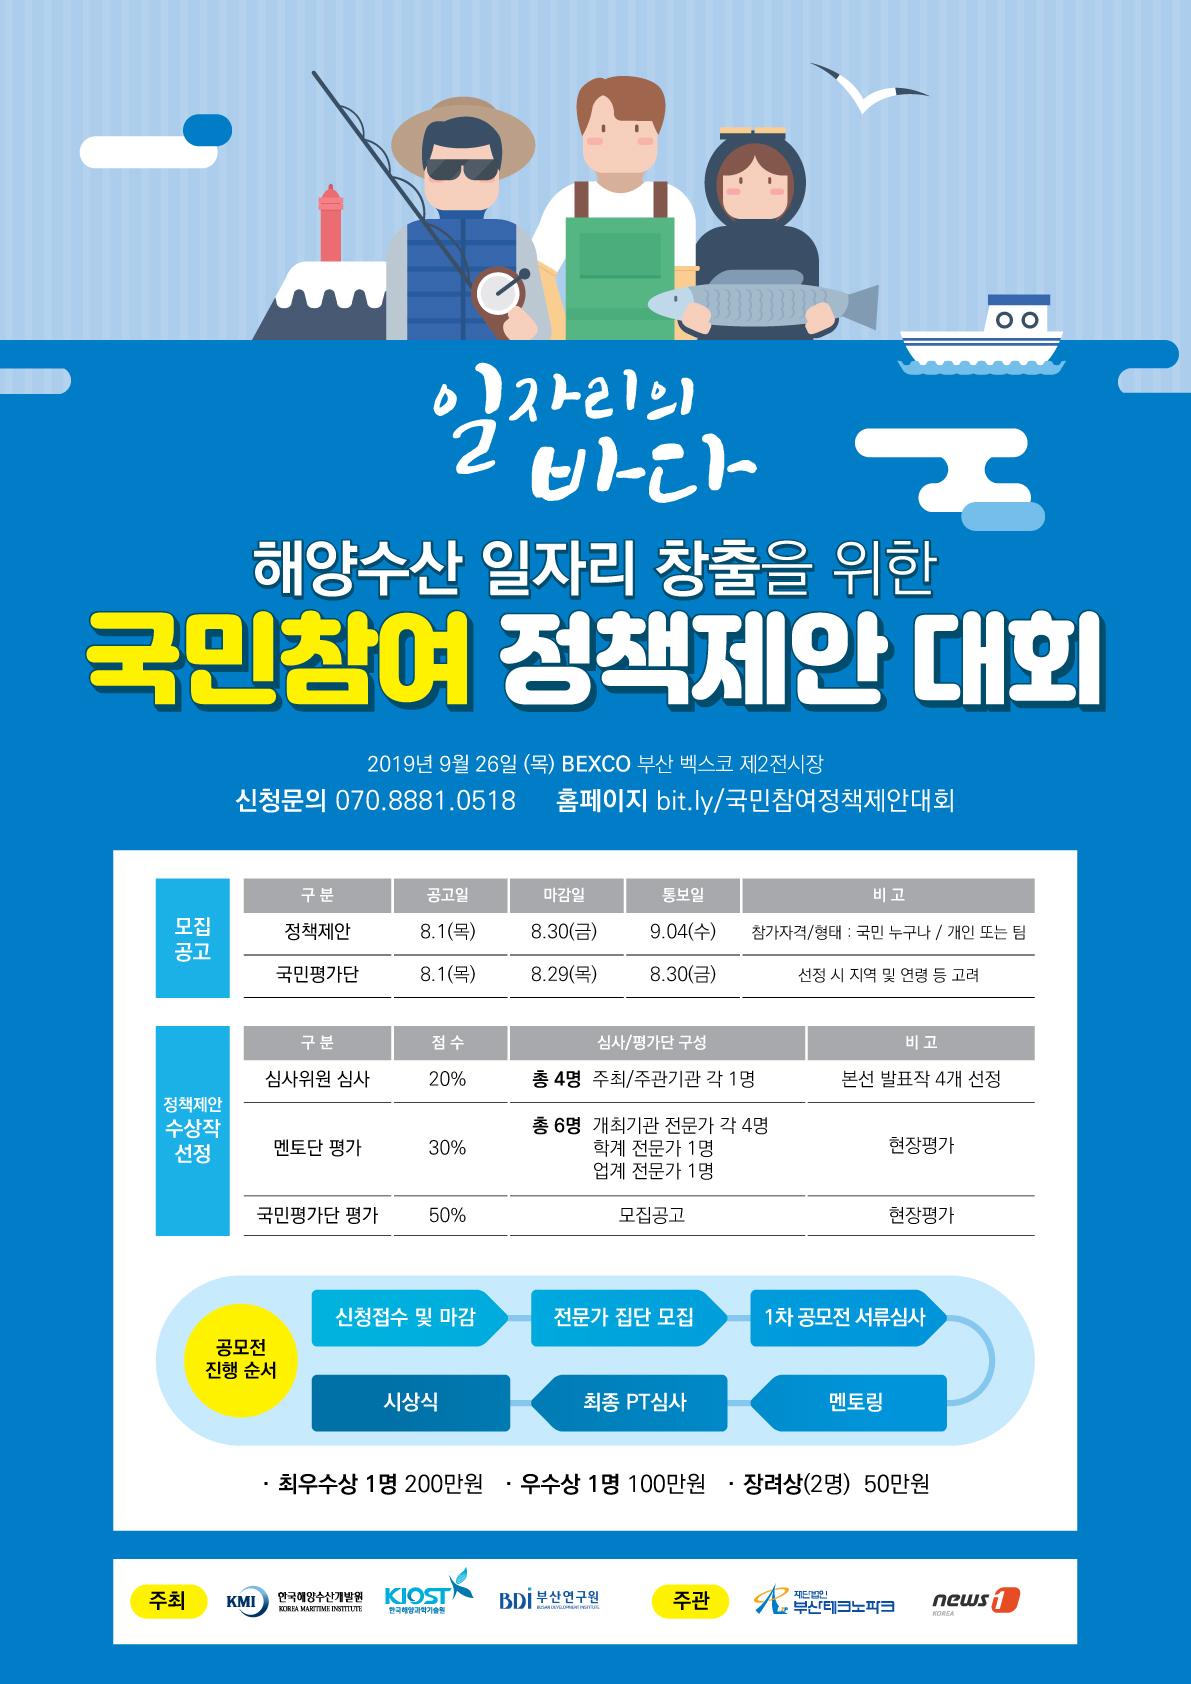 해양수산 일자리 창출을 위한 국민참여 정책제안 대회